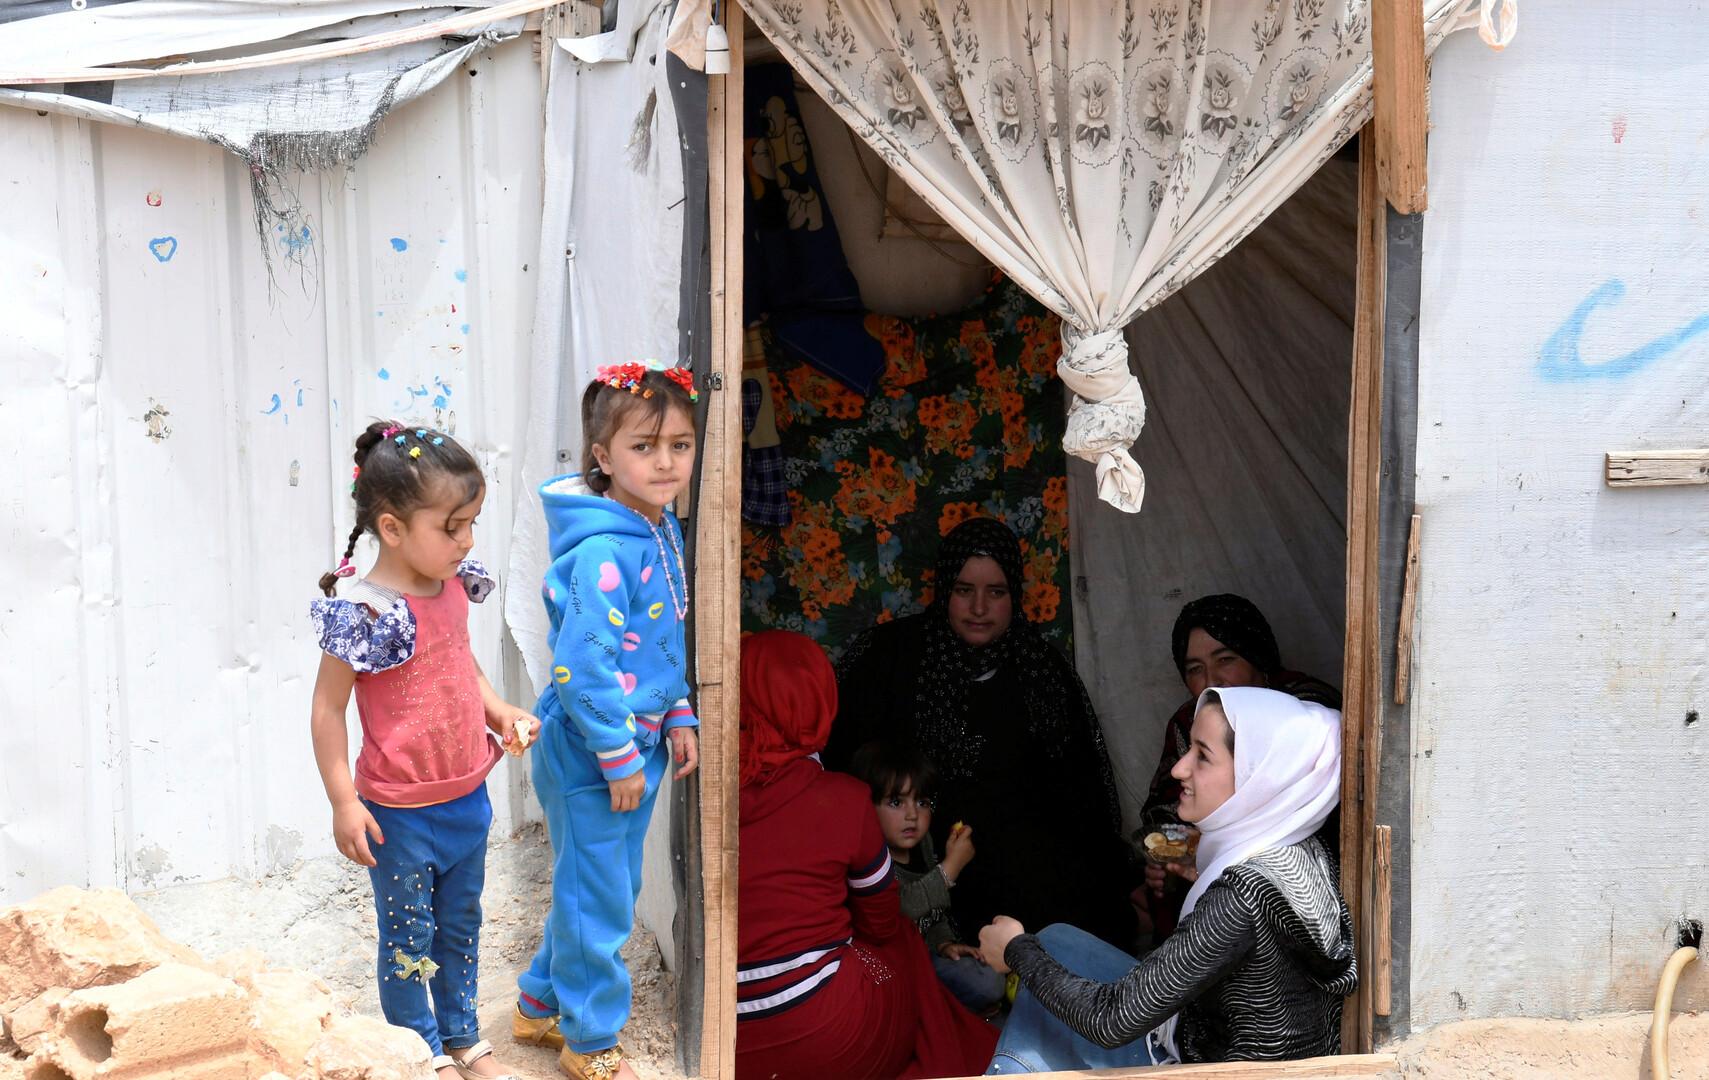 الرئيس اللبناني يحث واشنطن على تسهيل عودة النازحين السوريين إلى أرضهم